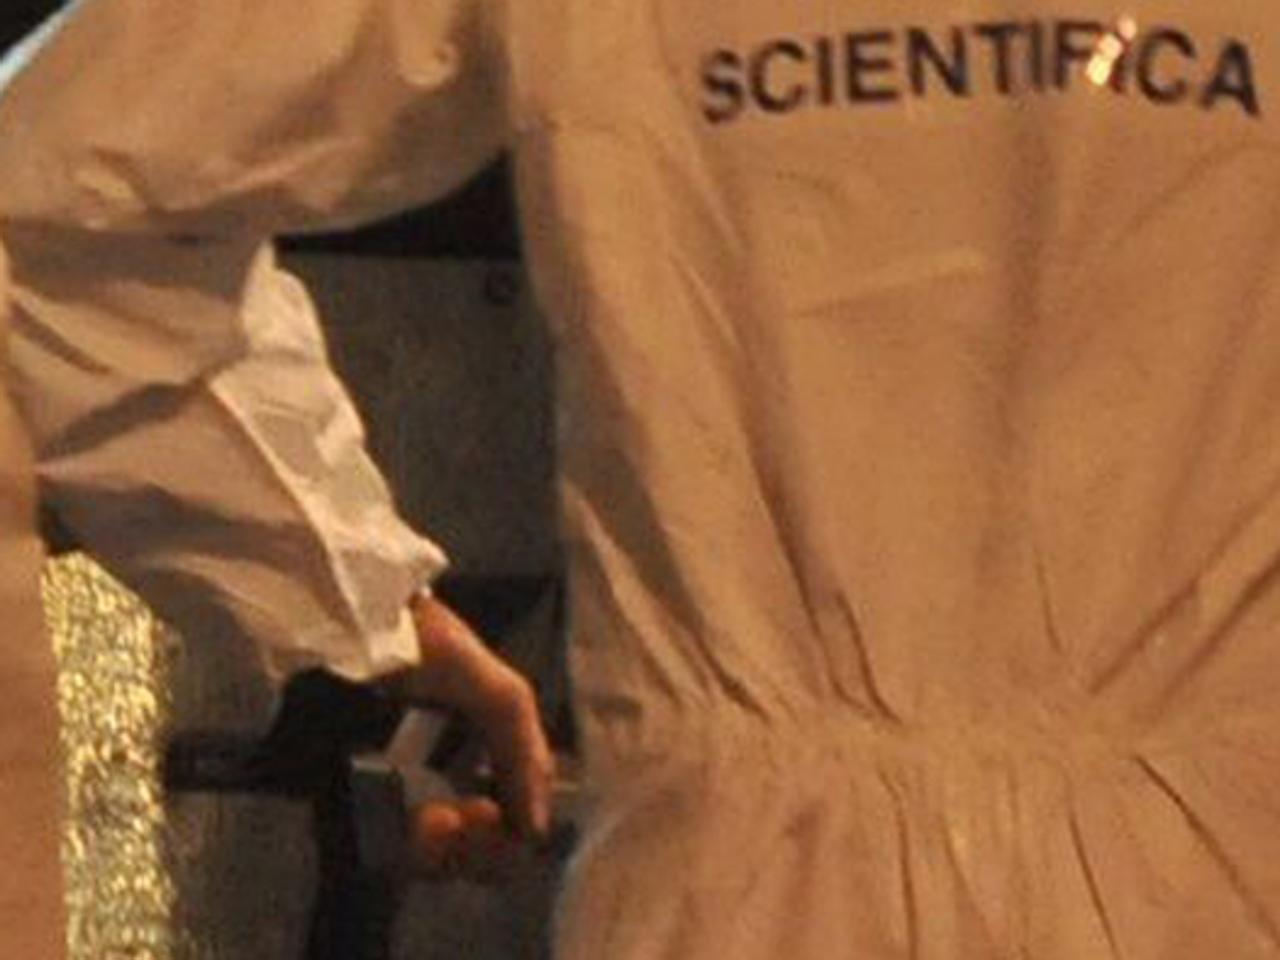 Giallo a Merano, giovane trovata morta nella vasca da bagno